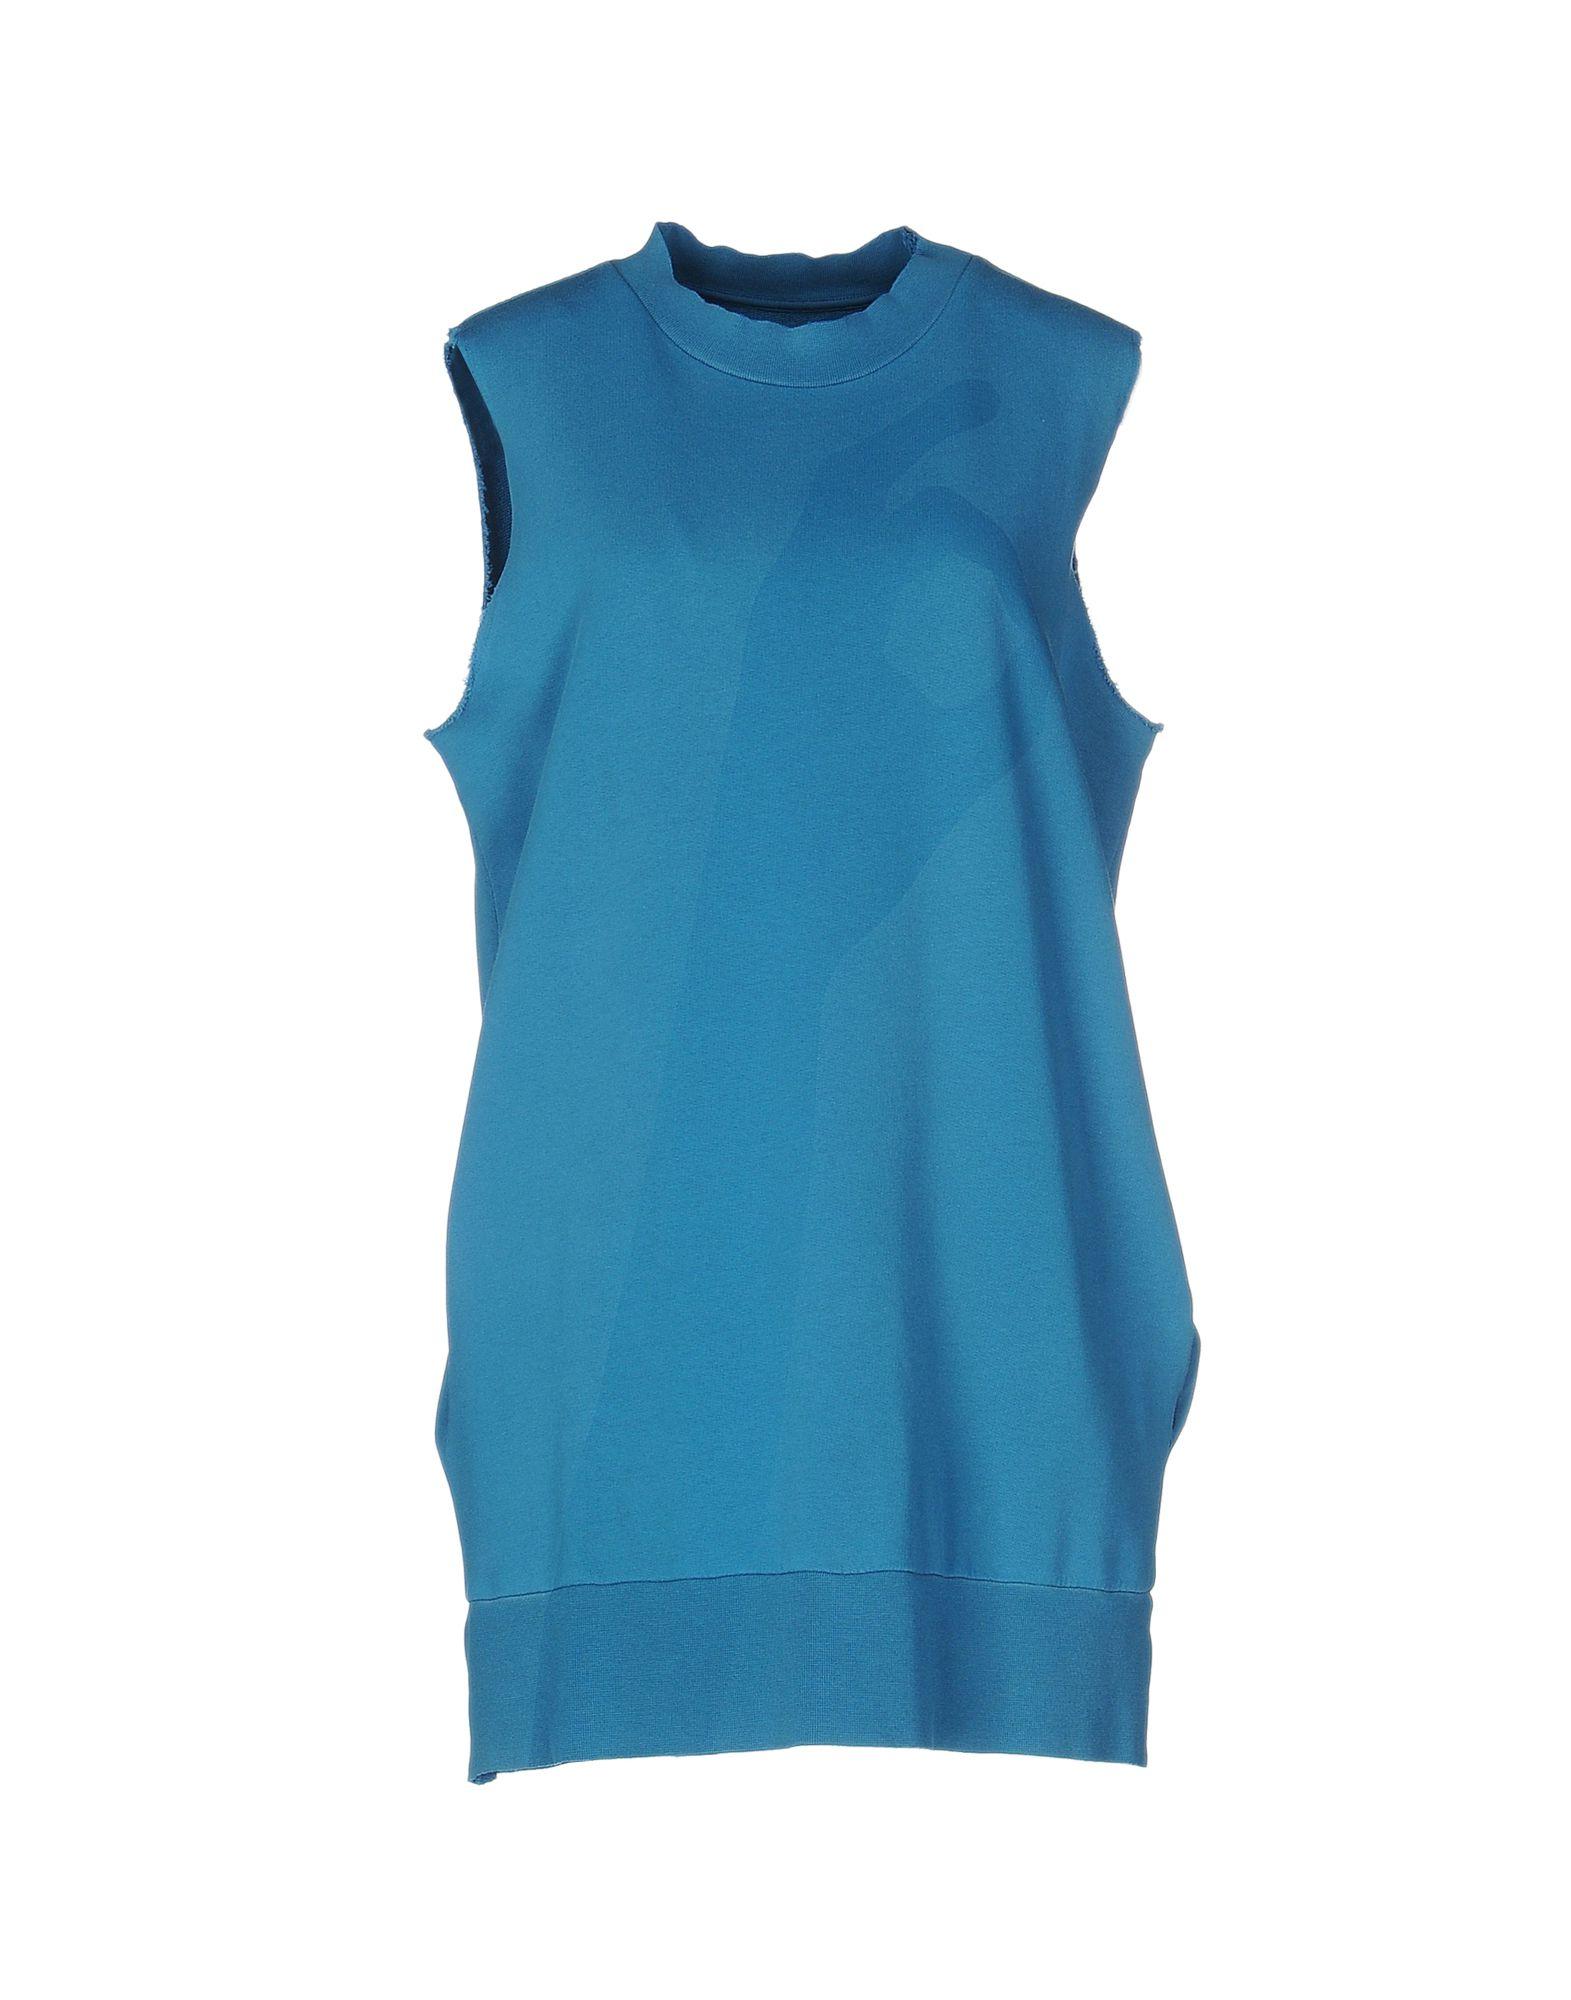 MM6 MAISON MARGIELA Короткое платье mm6 maison margiela короткое платье